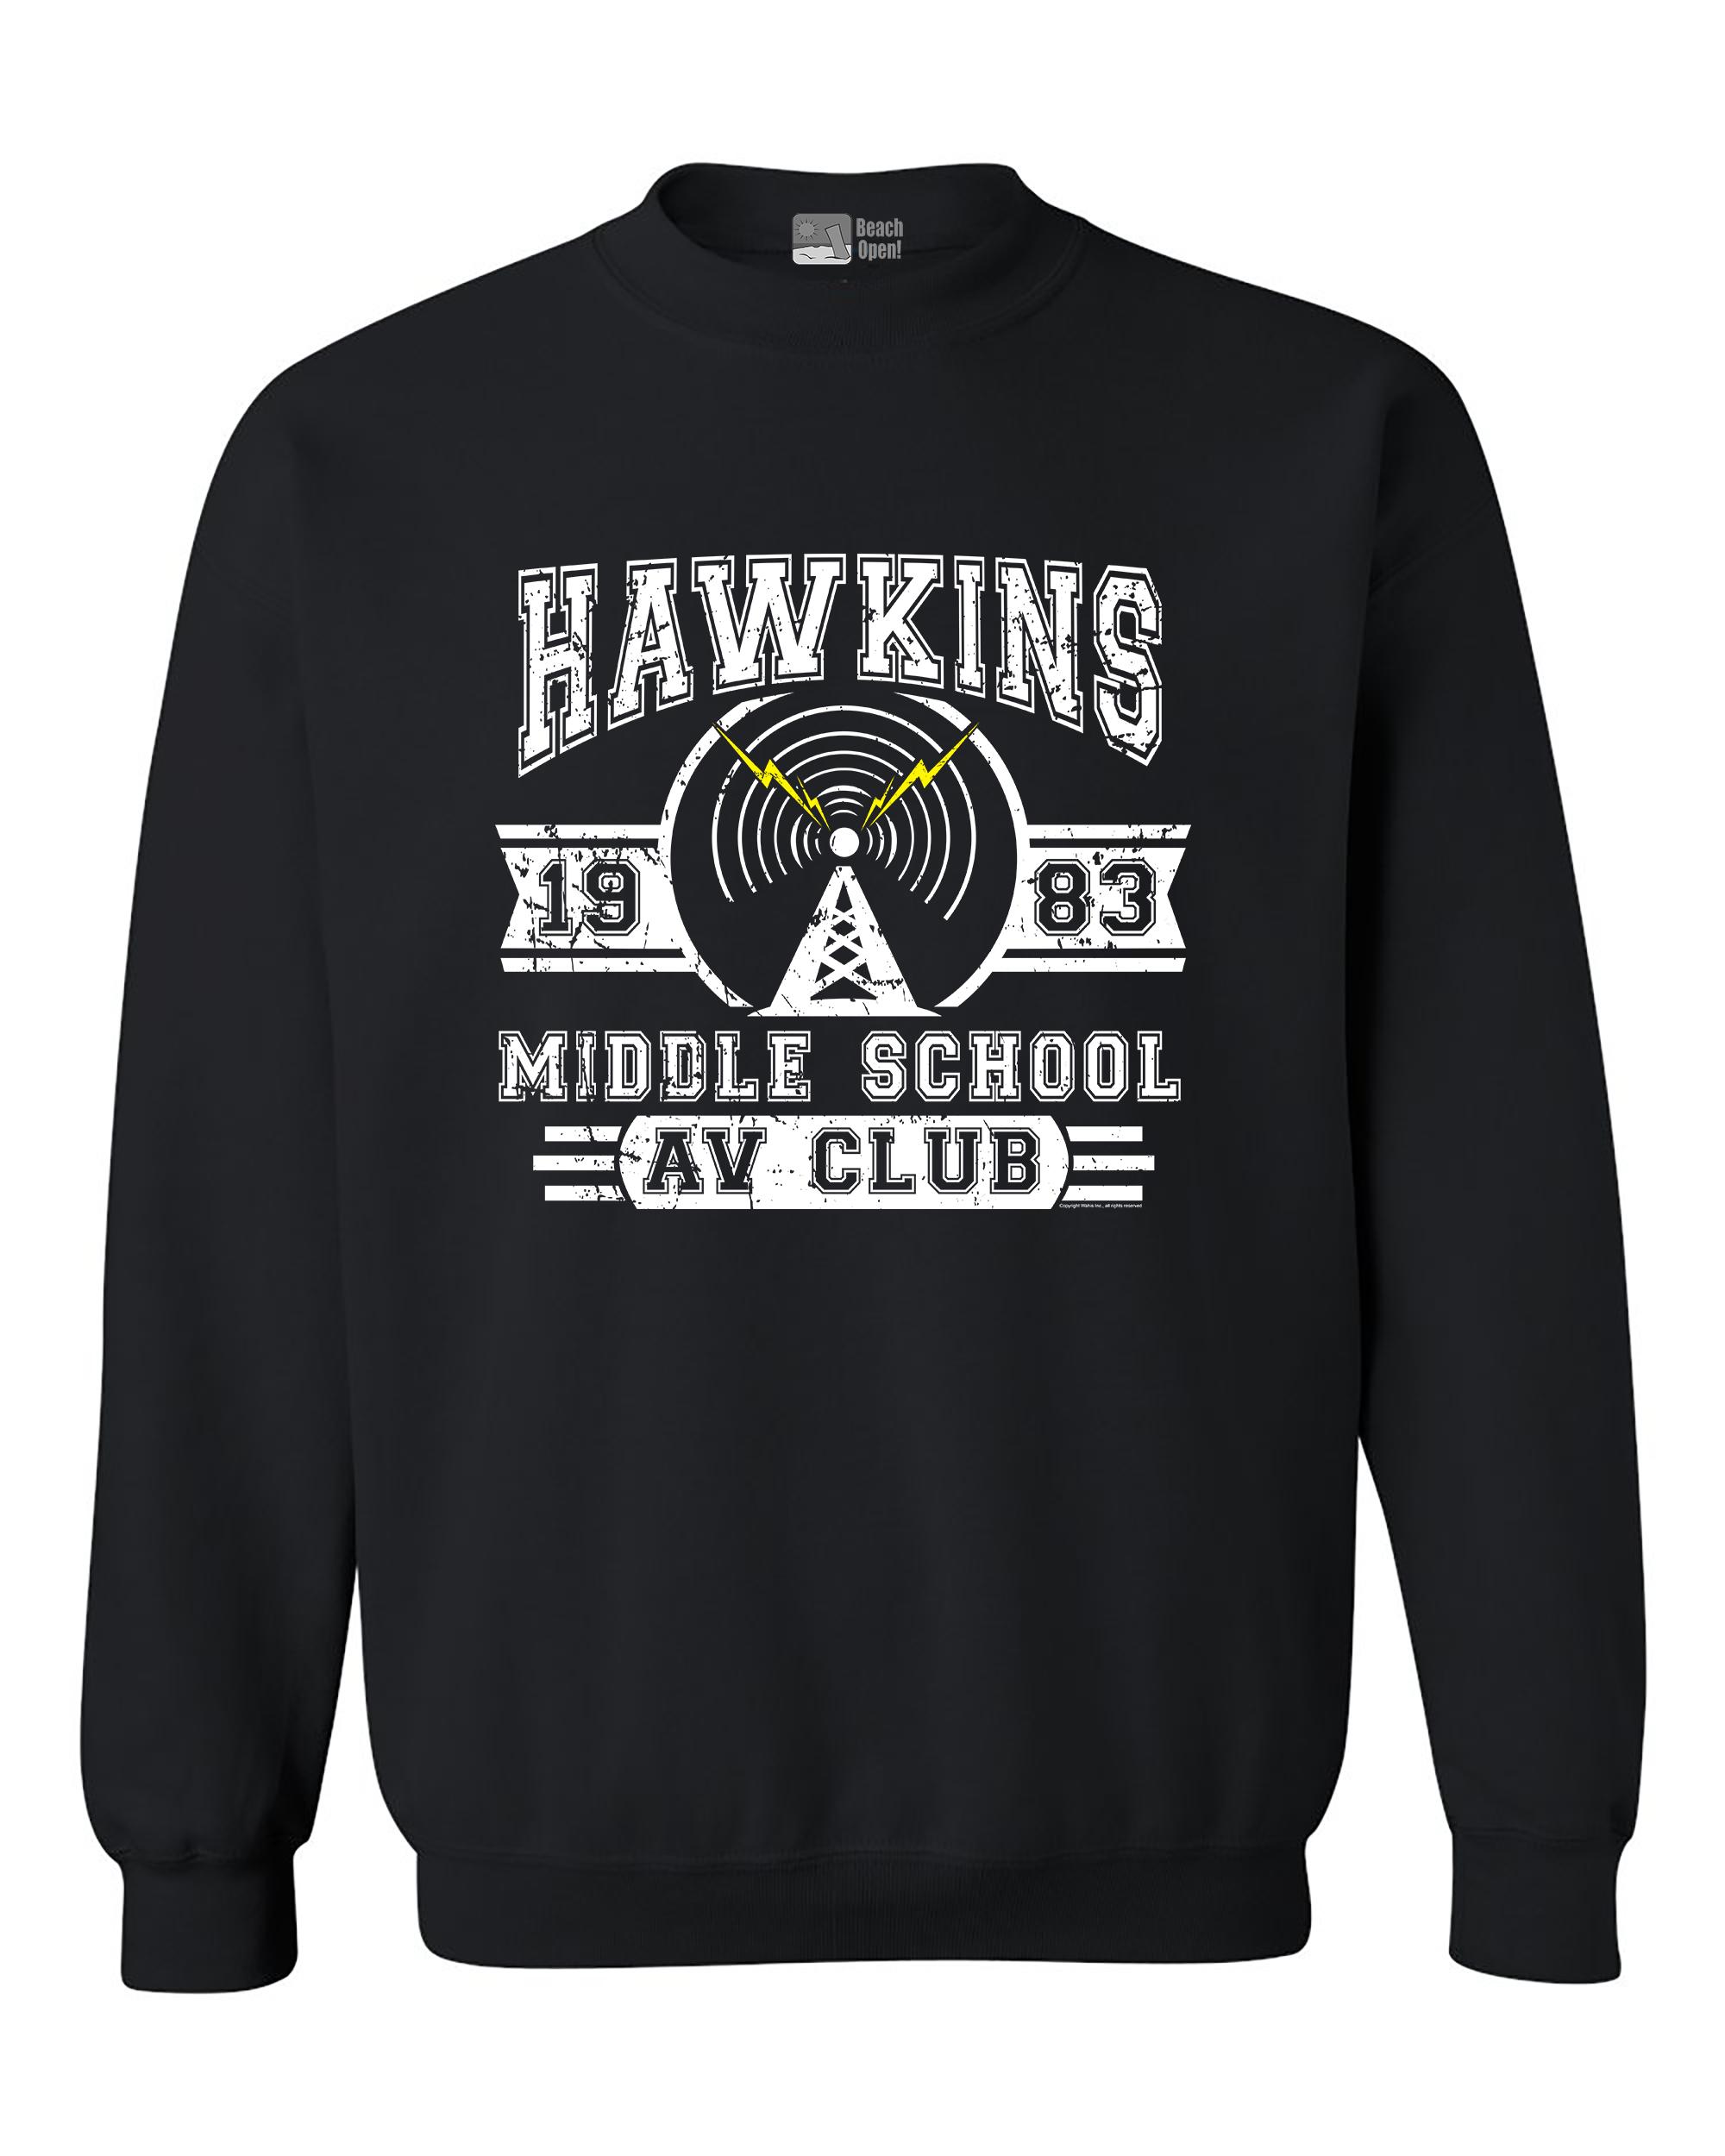 Hawkins Lab Middle School 1983 AV Club Parody Funny DT Crewneck Sweatshirt